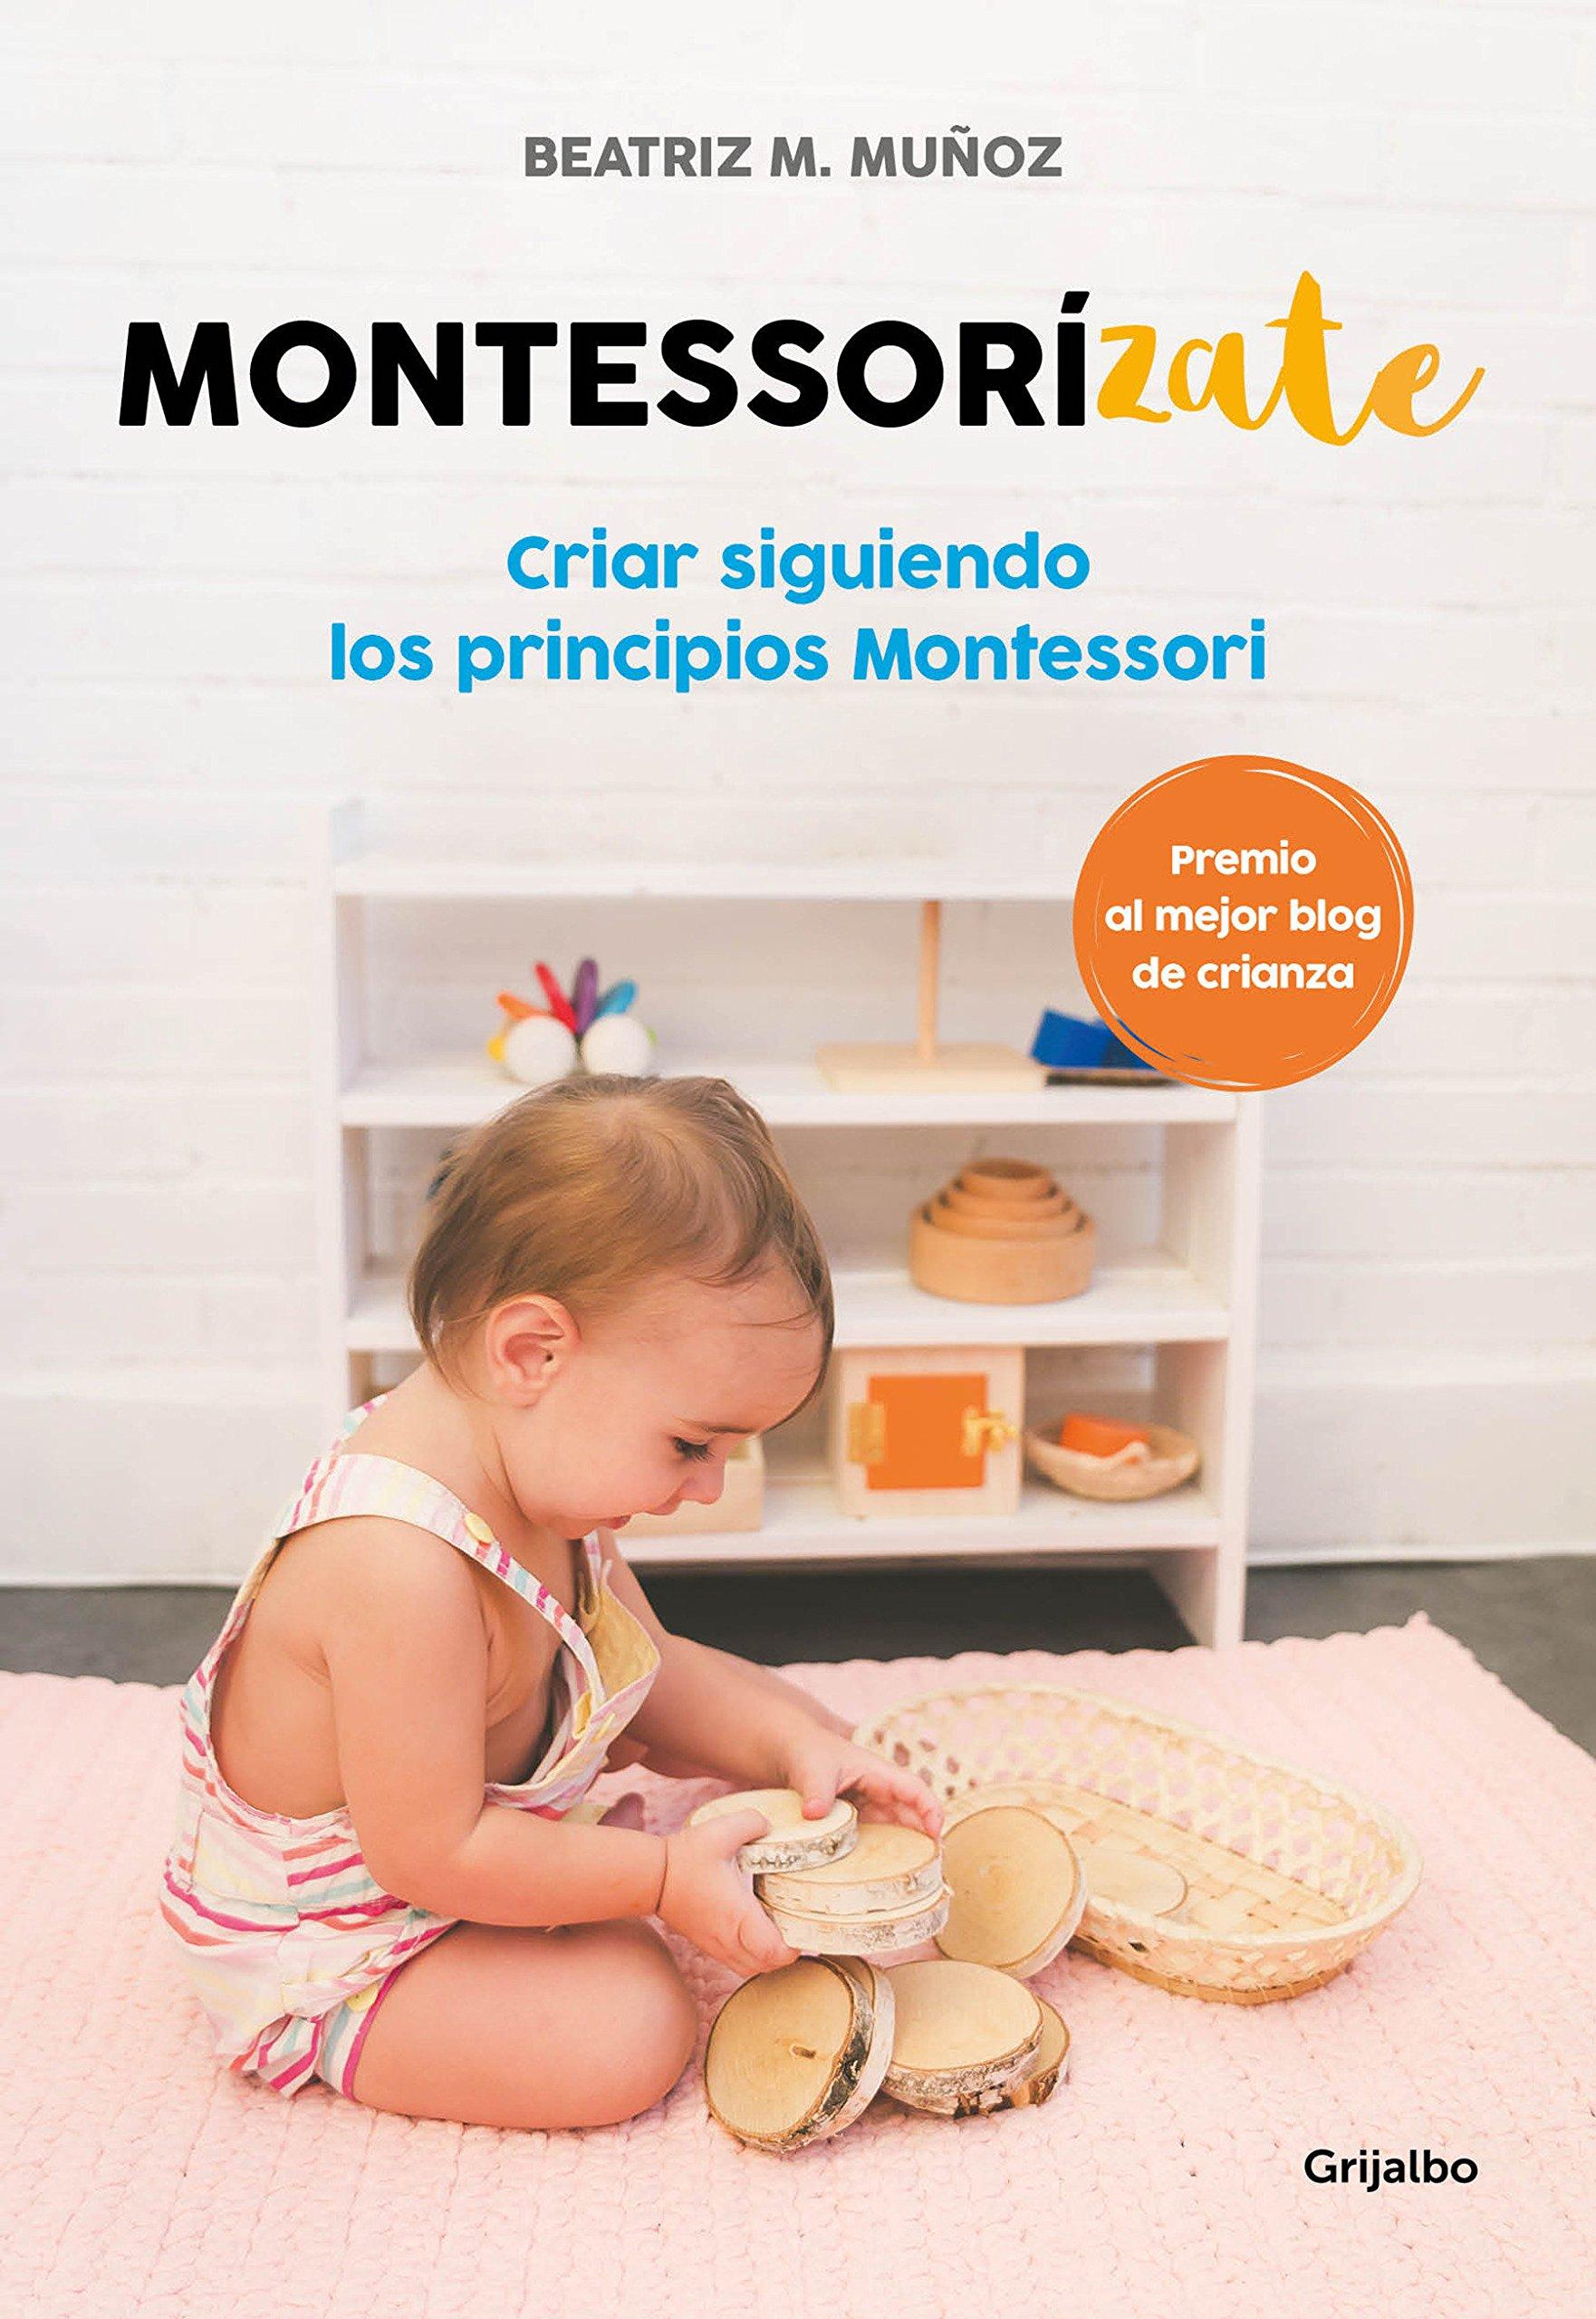 Montessorízate: Criar siguiendo los principios Montessori (Embarazo, bebé y niño) Tapa blanda – 26 abr 2018 Beatriz M. Muñoz GRIJALBO ILUSTRADOS 8416895627 Child rearing.